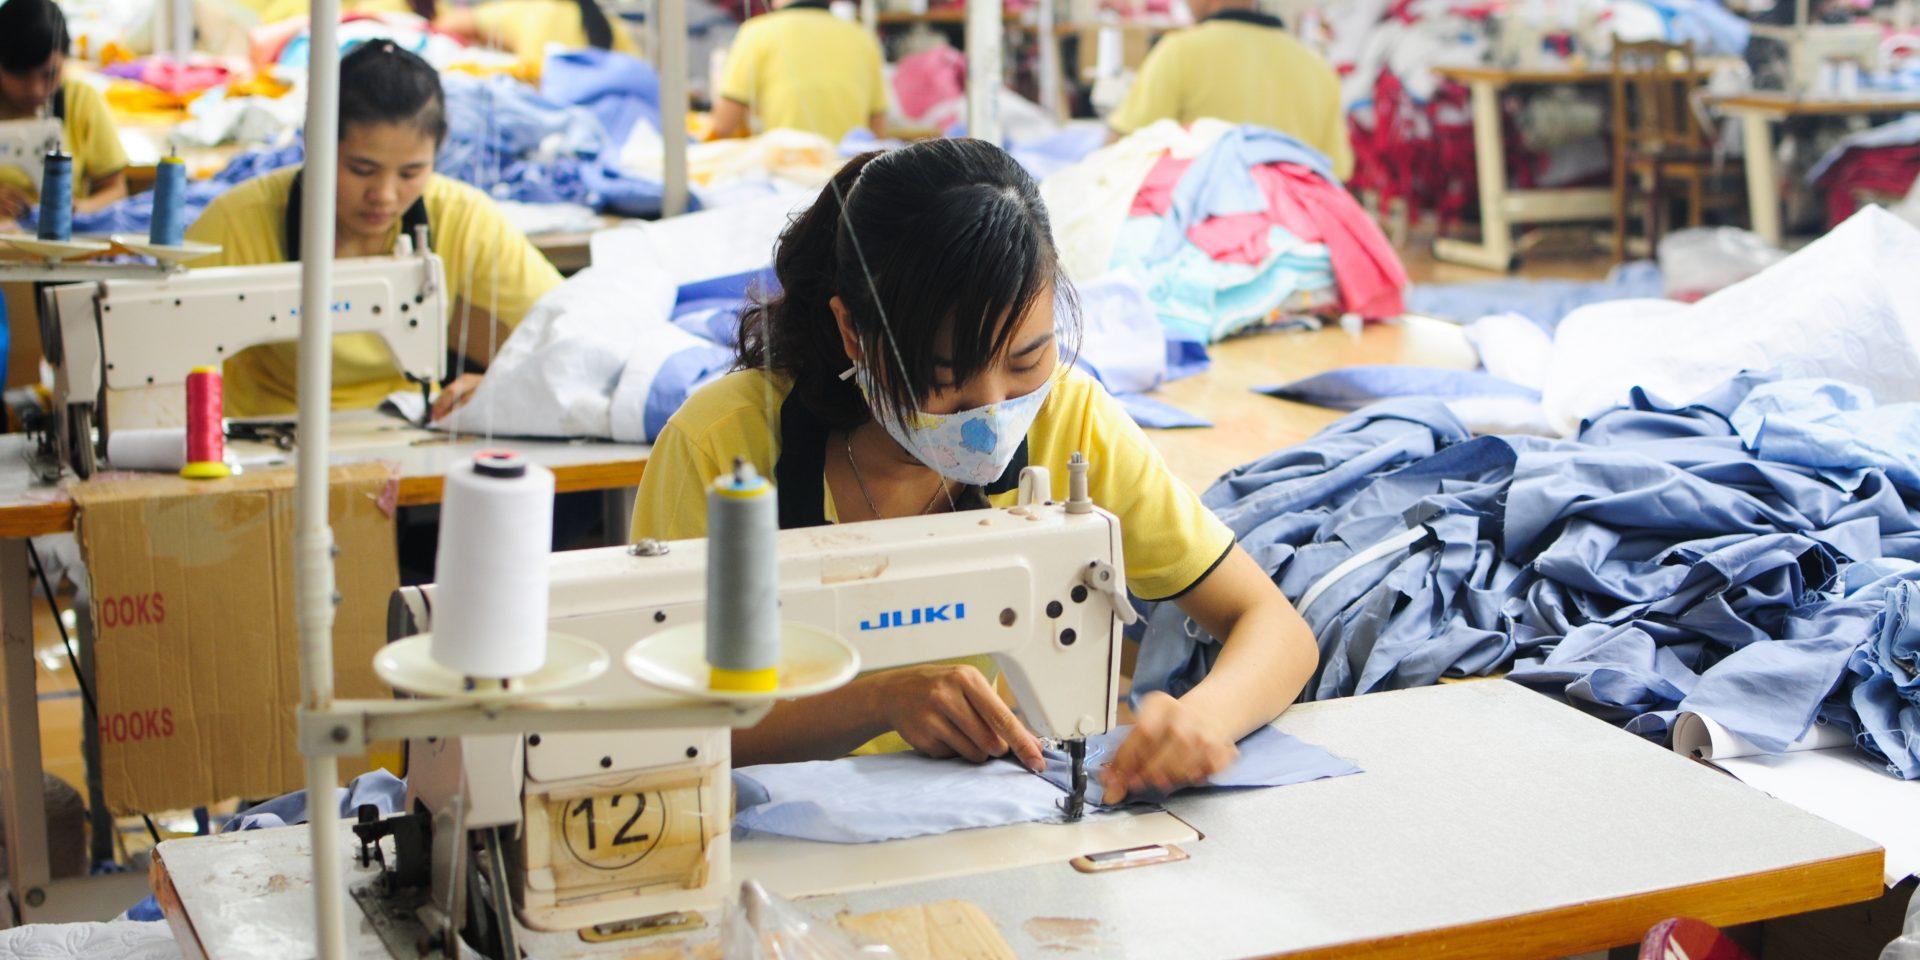 Genom ett frihandelsavtal mellan EU och Vietnam slopas tullarna och svenska EU-parlamentariker hoppas den ökande handeln ska leda till förbättringar inom mänskliga rättigheter, till exempel på landets många textilfabriker.